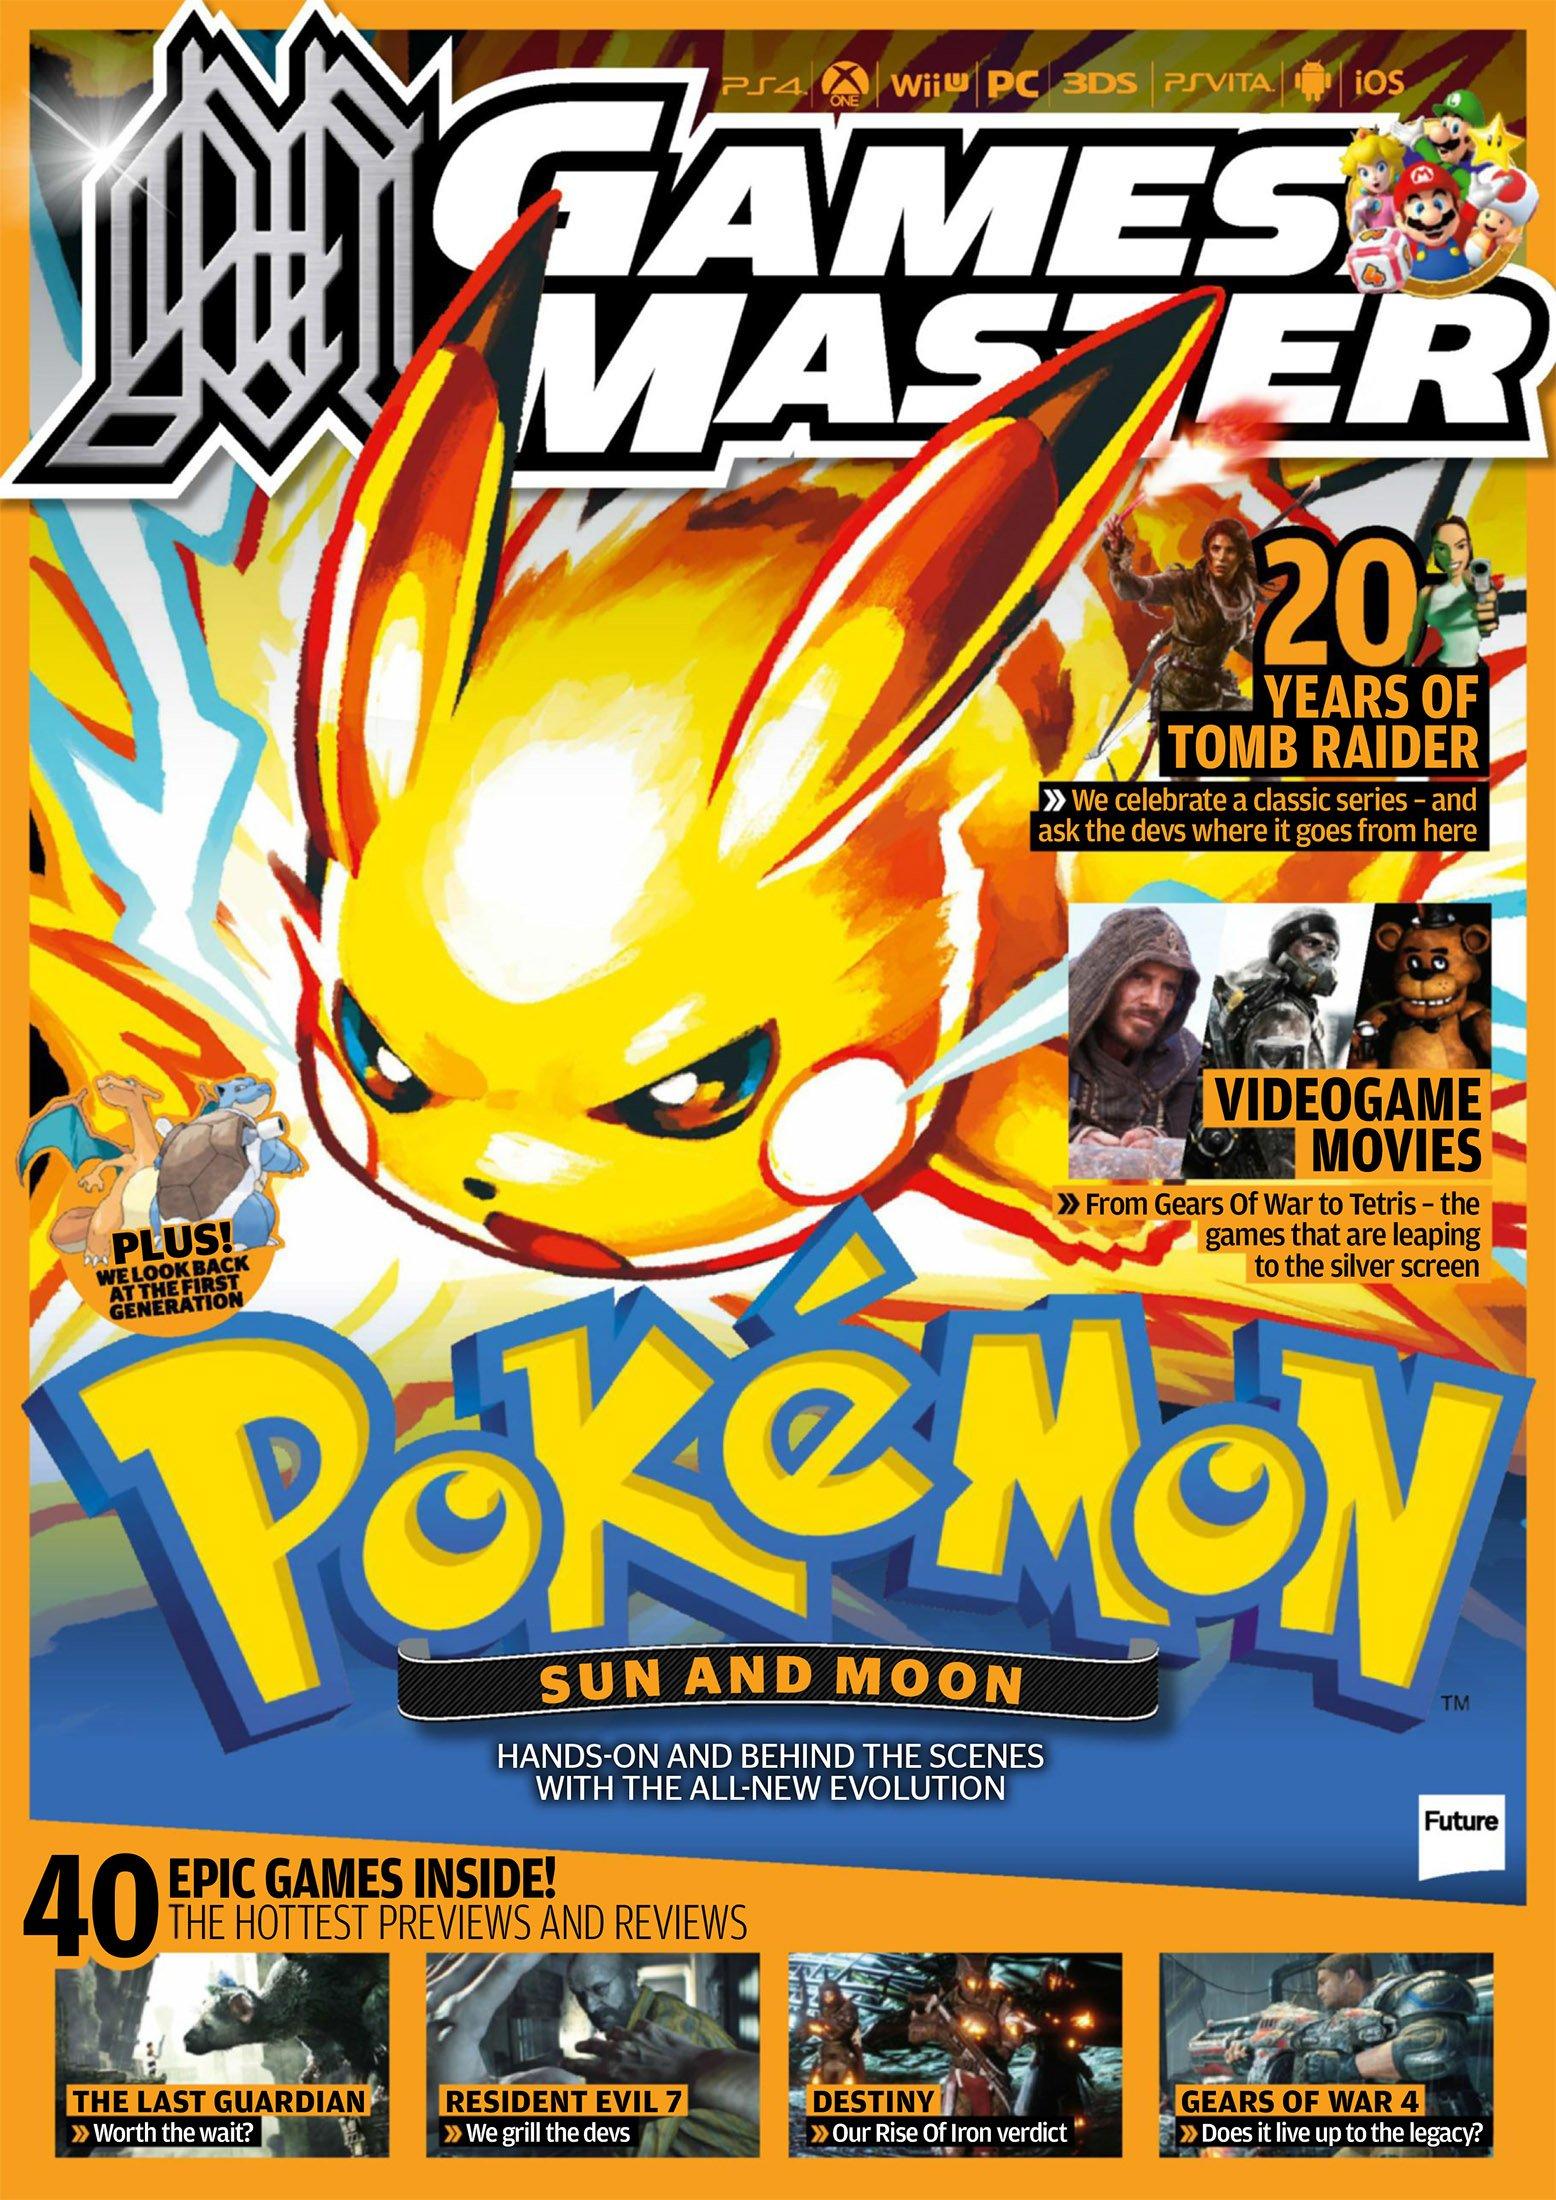 GamesMaster Issue 310 (December 2016)